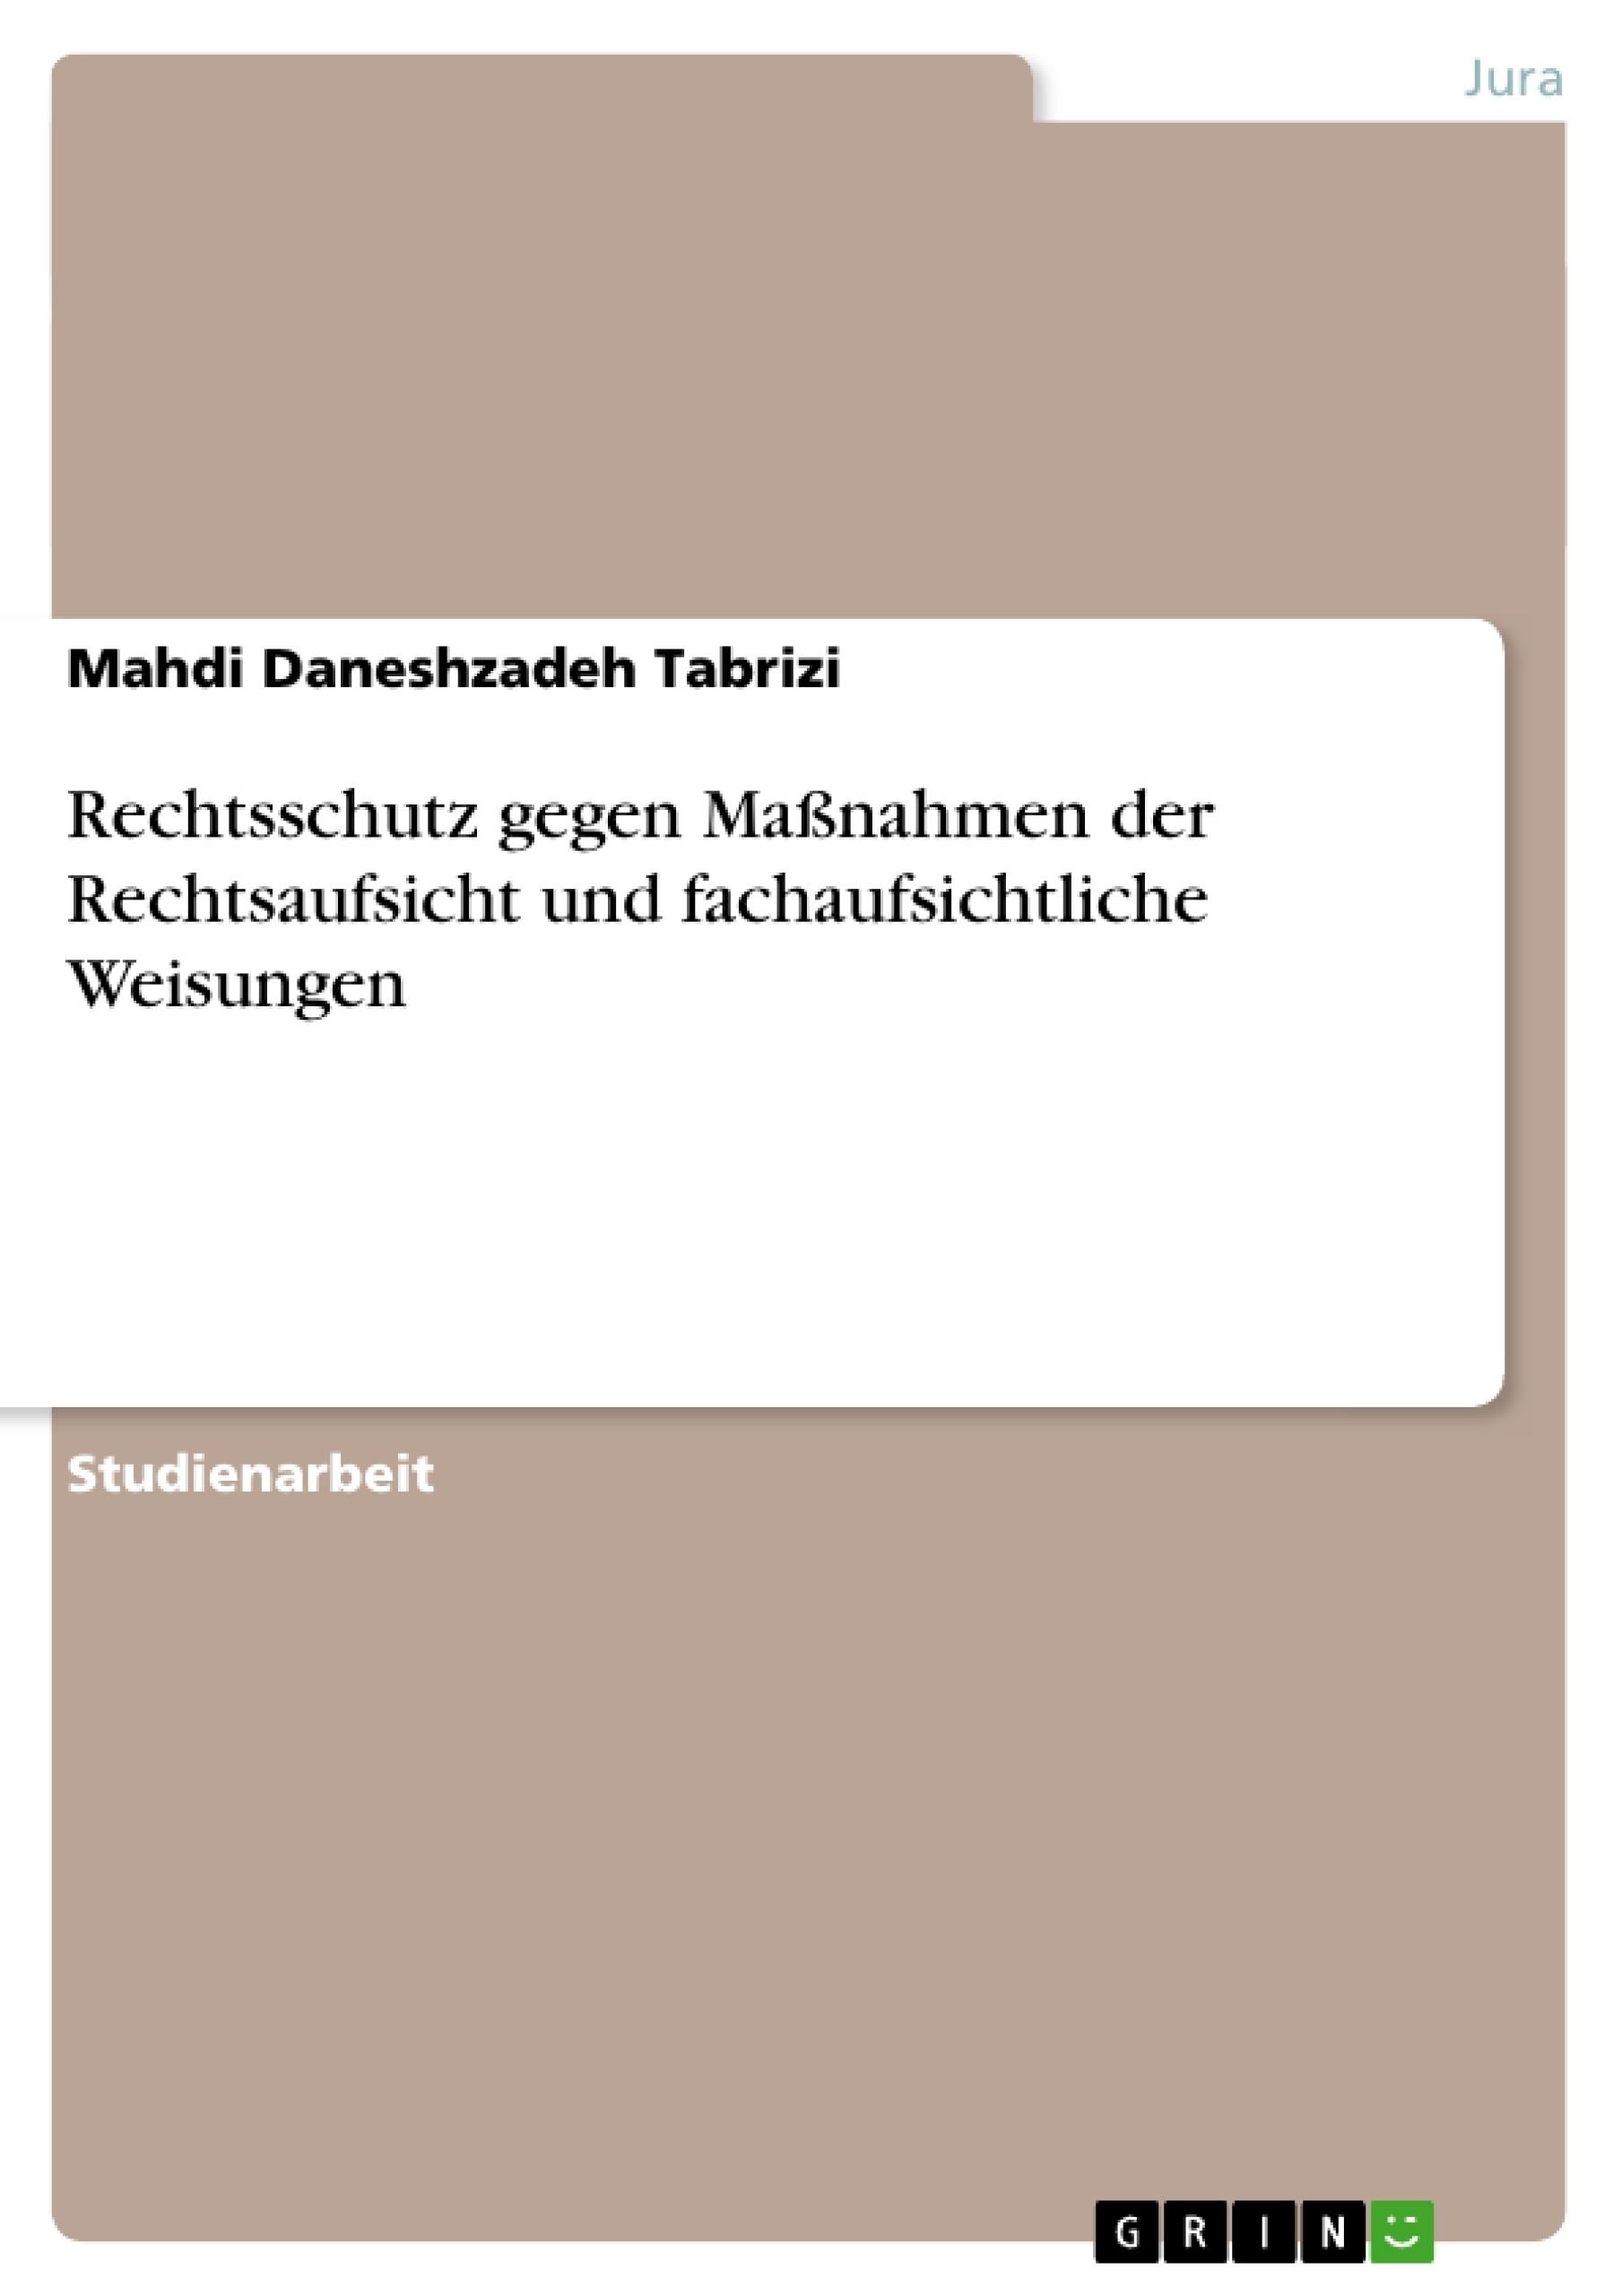 Titel: Rechtsschutz gegen Maßnahmen der Rechtsaufsicht und fachaufsichtliche Weisungen